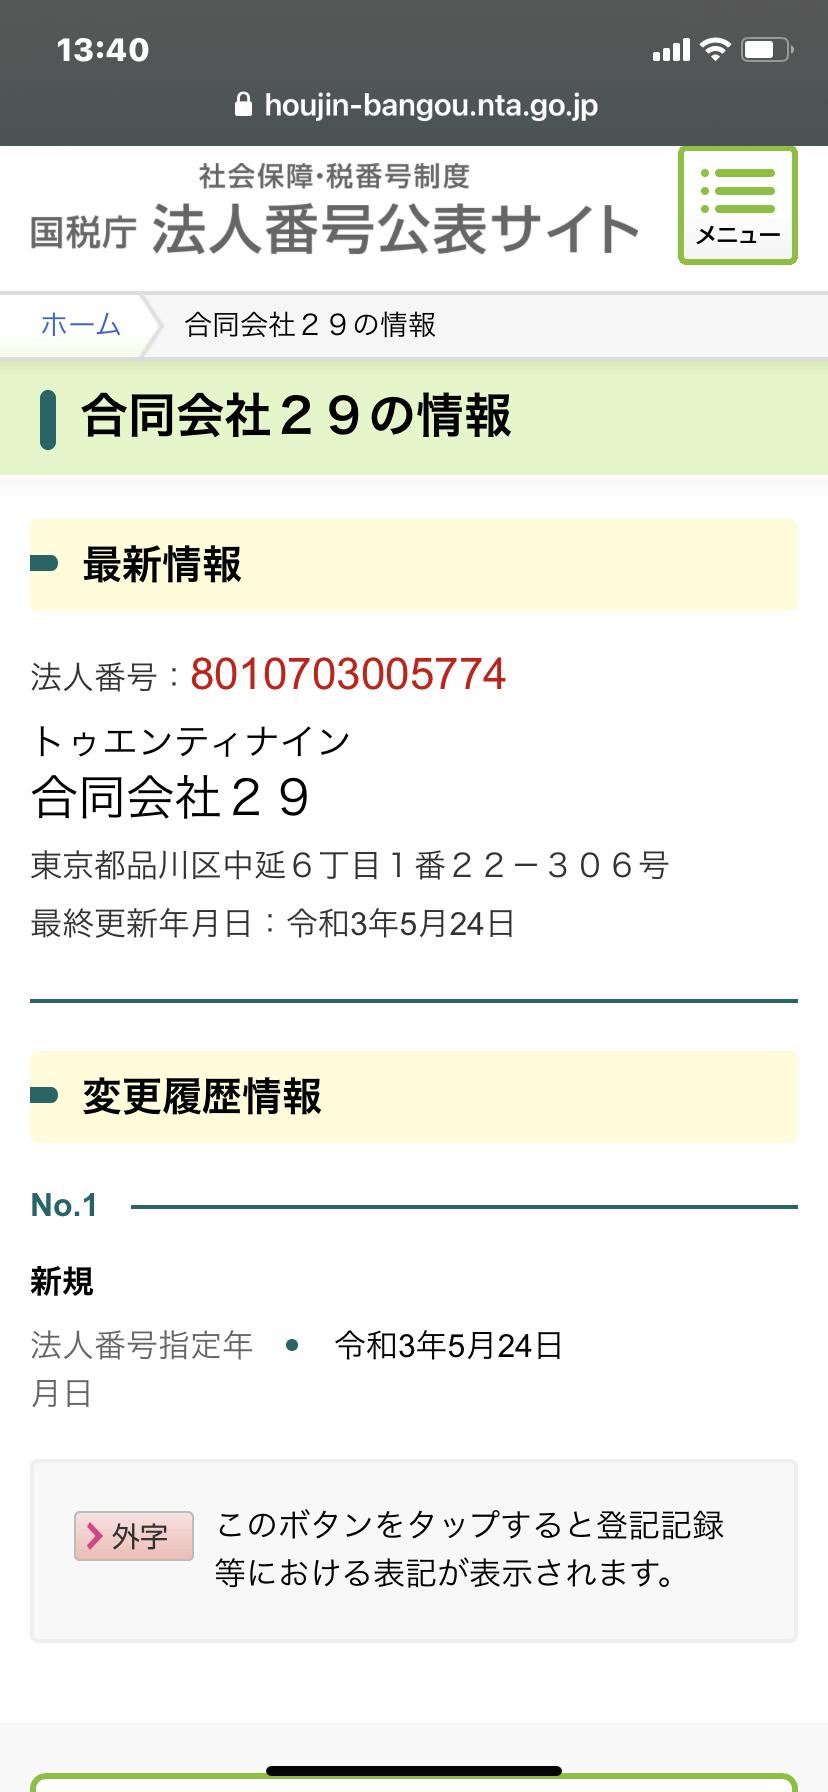 万舟JAPANの運営会社合同会社29の法人番号